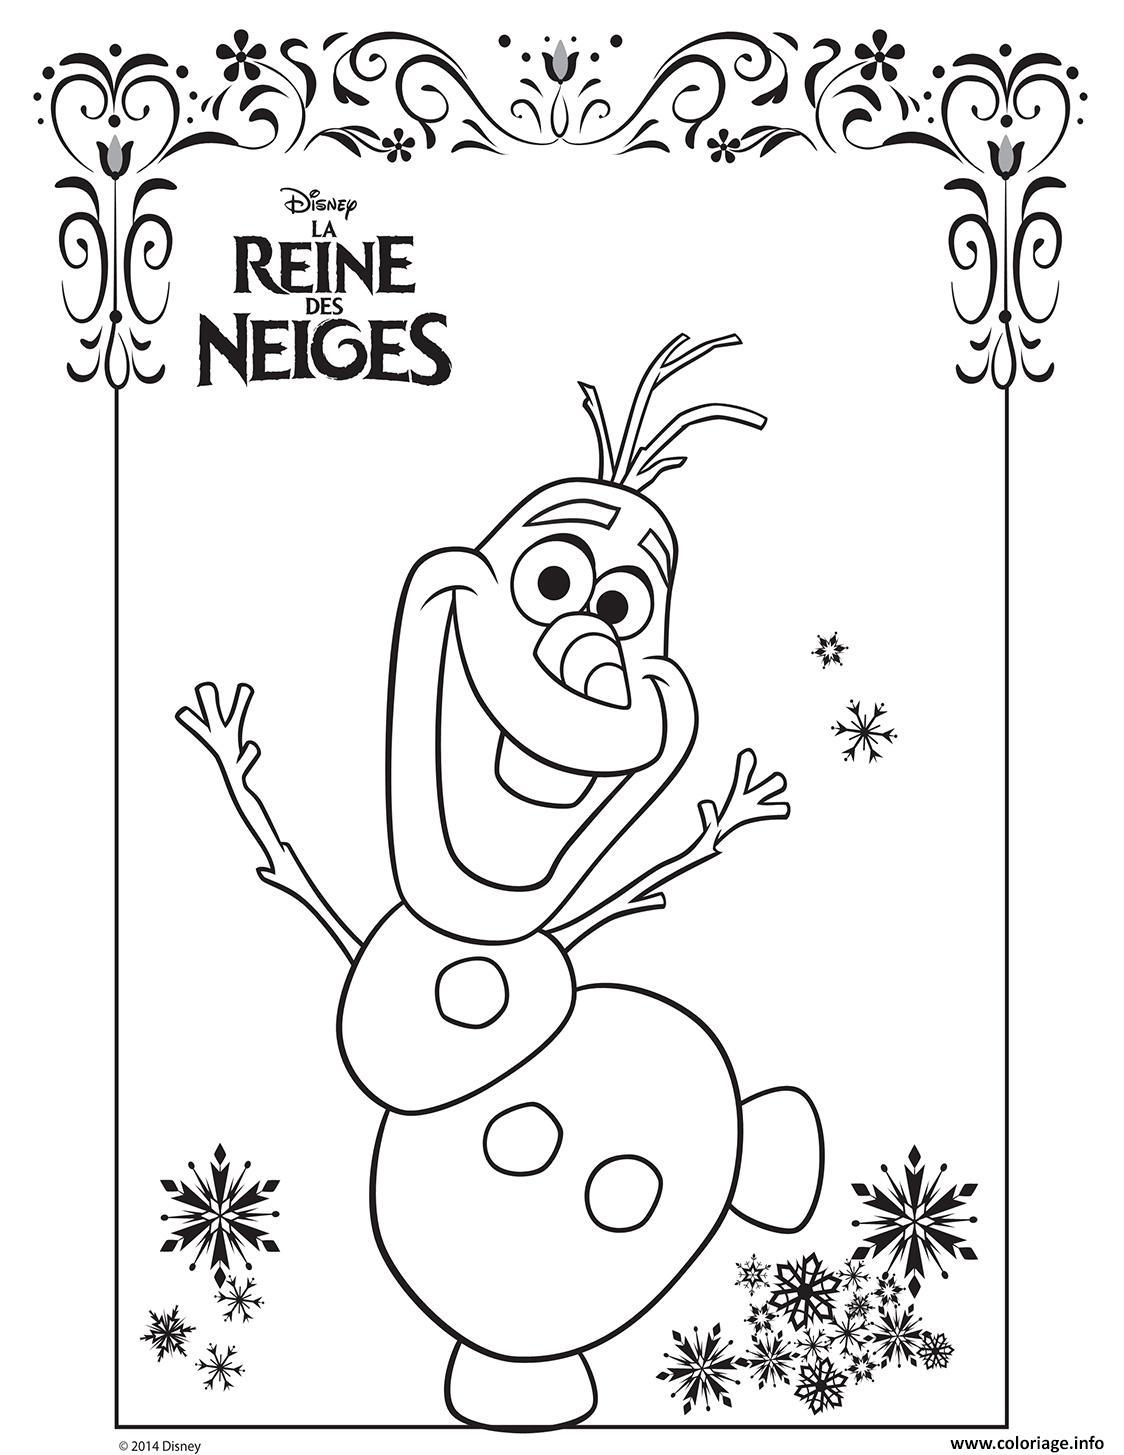 Dessin olaf la reine des neiges disney frozen Coloriage Gratuit à Imprimer